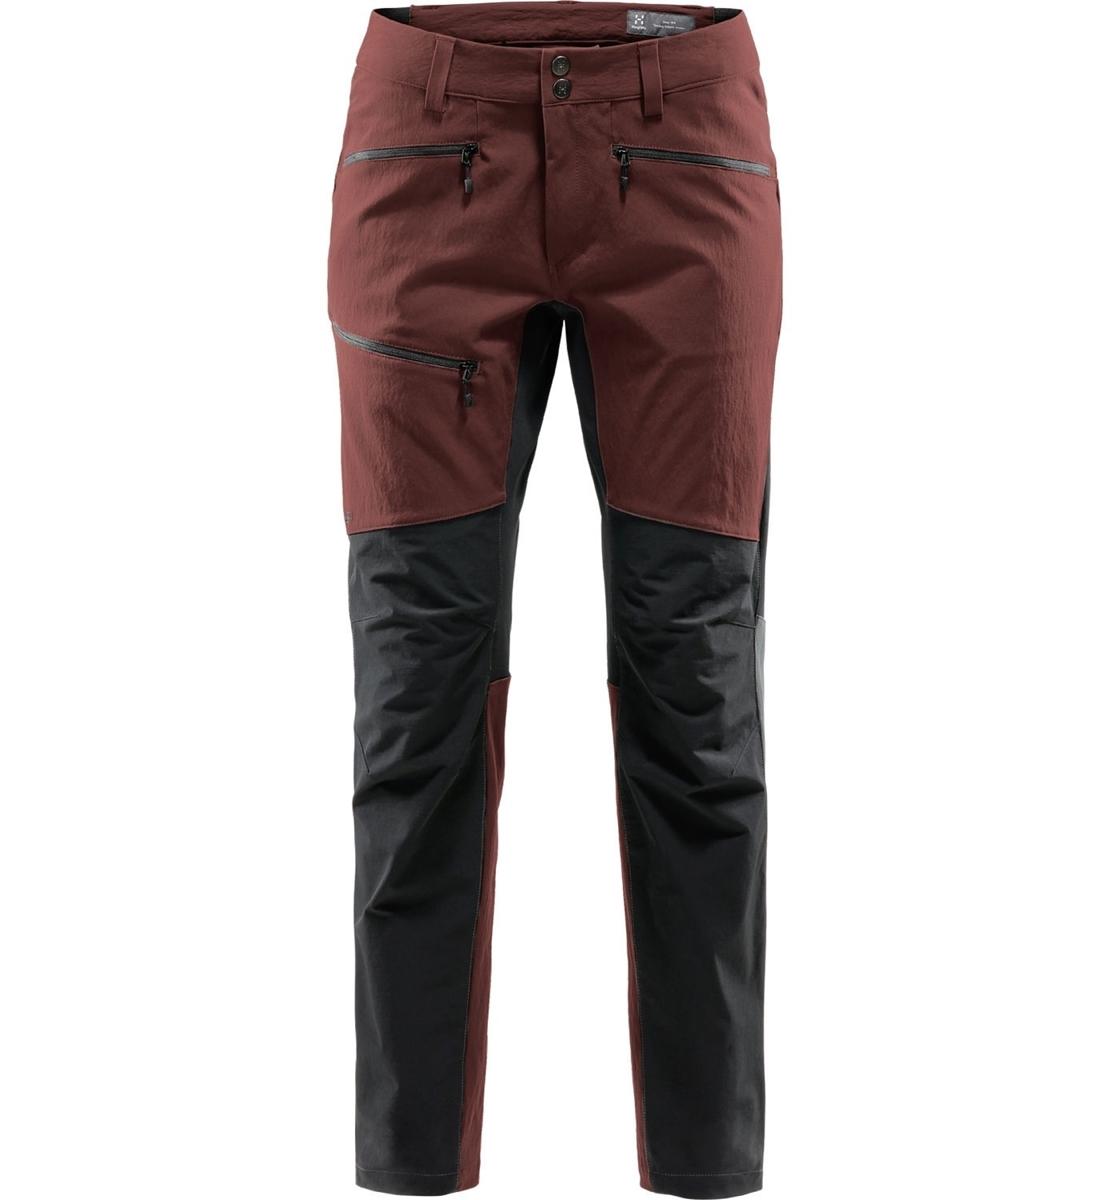 Bilde av Haglöfs  Rugged Flex Pant Men maroon red/true black